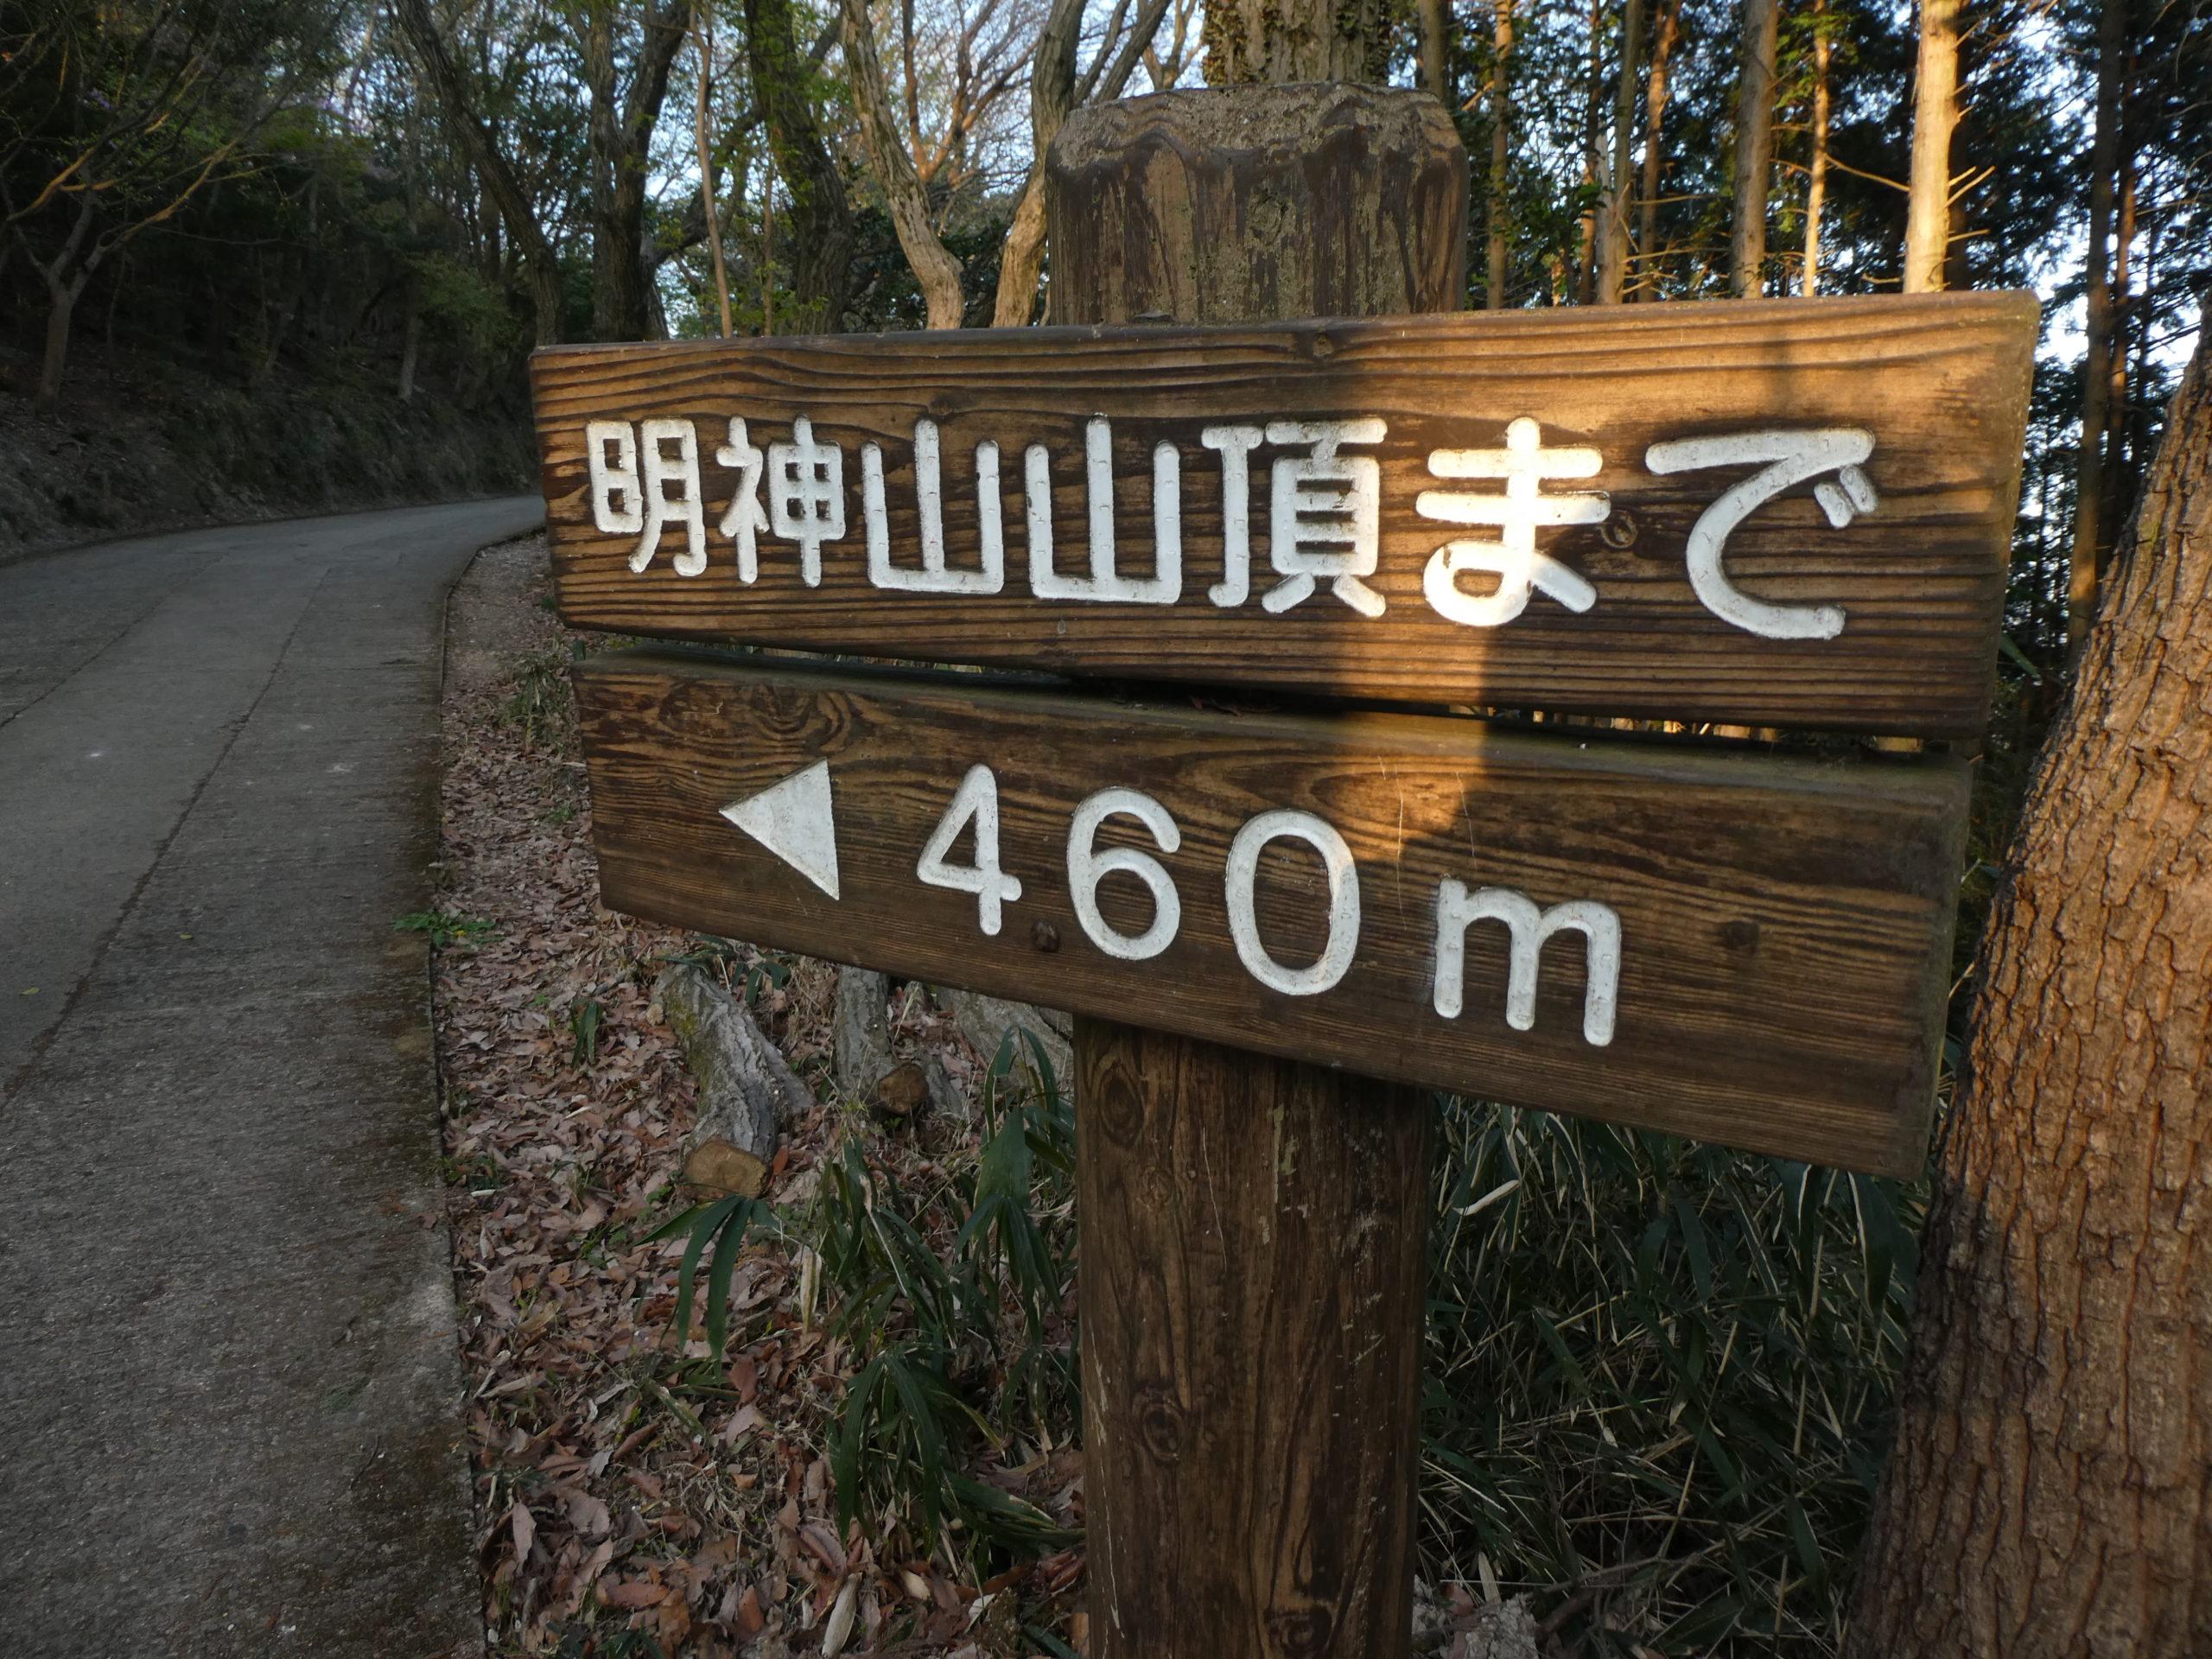 明神山 ハイキングコース 標識 残り460m